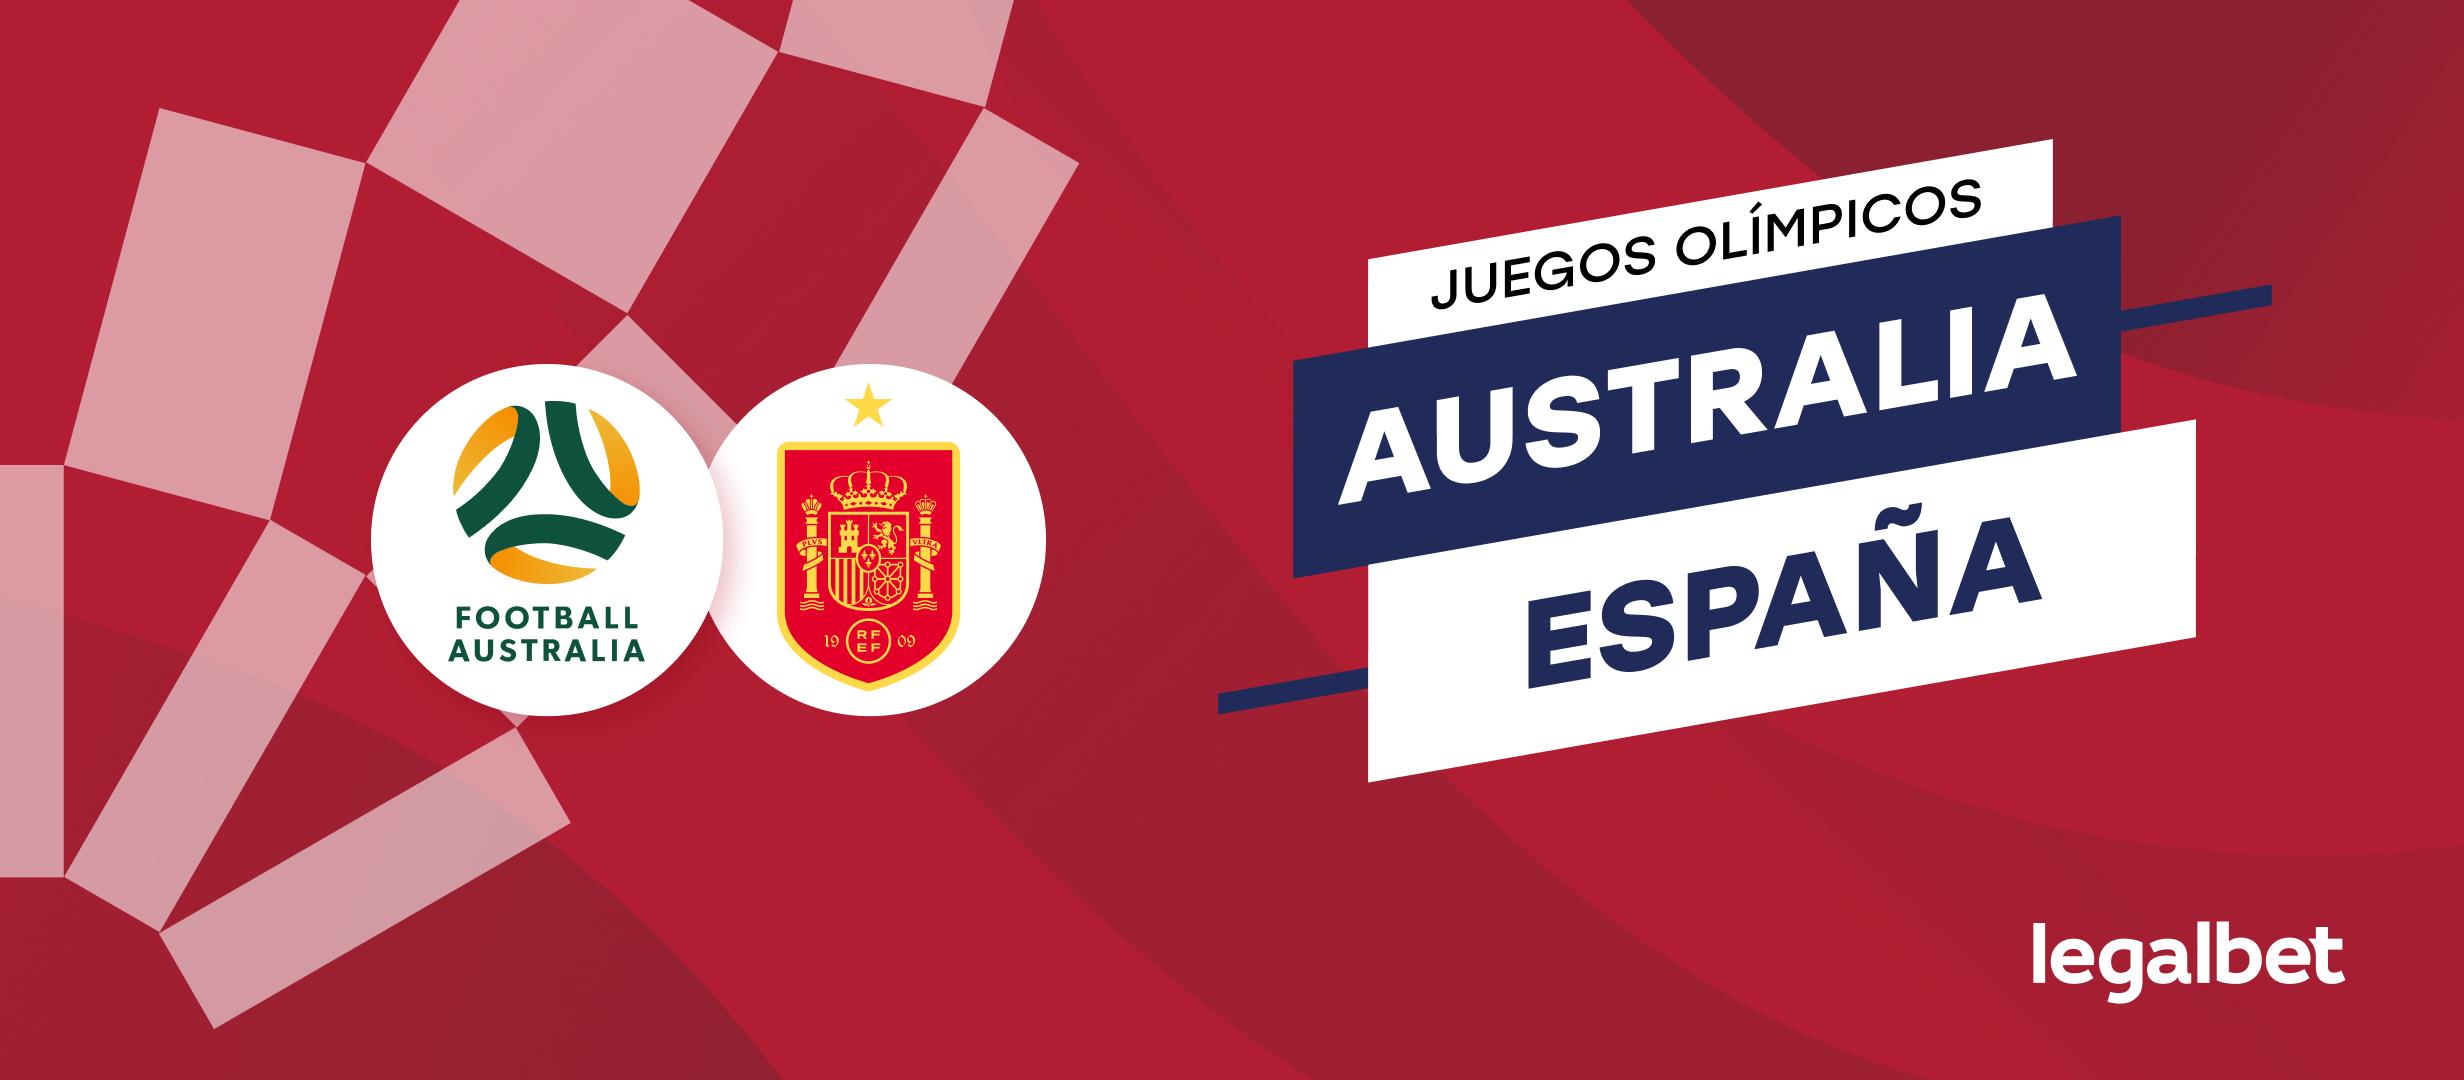 Apuestas y cuotas Australia - España, Juegos Olímpicos 2020